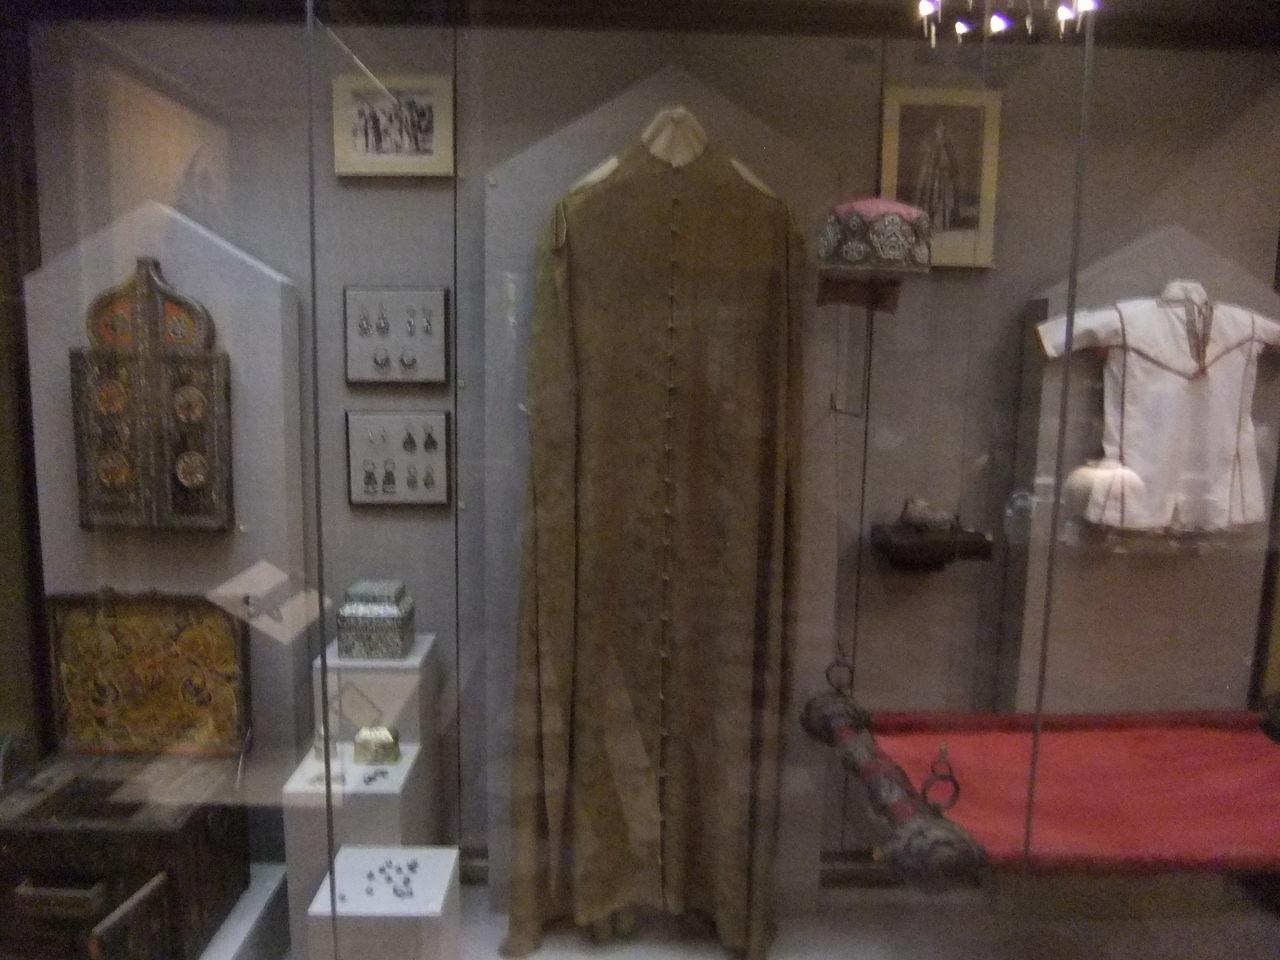 世界史の旅 -探訪記と歴史グッズ-国立歴史博物館①(モスクワ)コメント